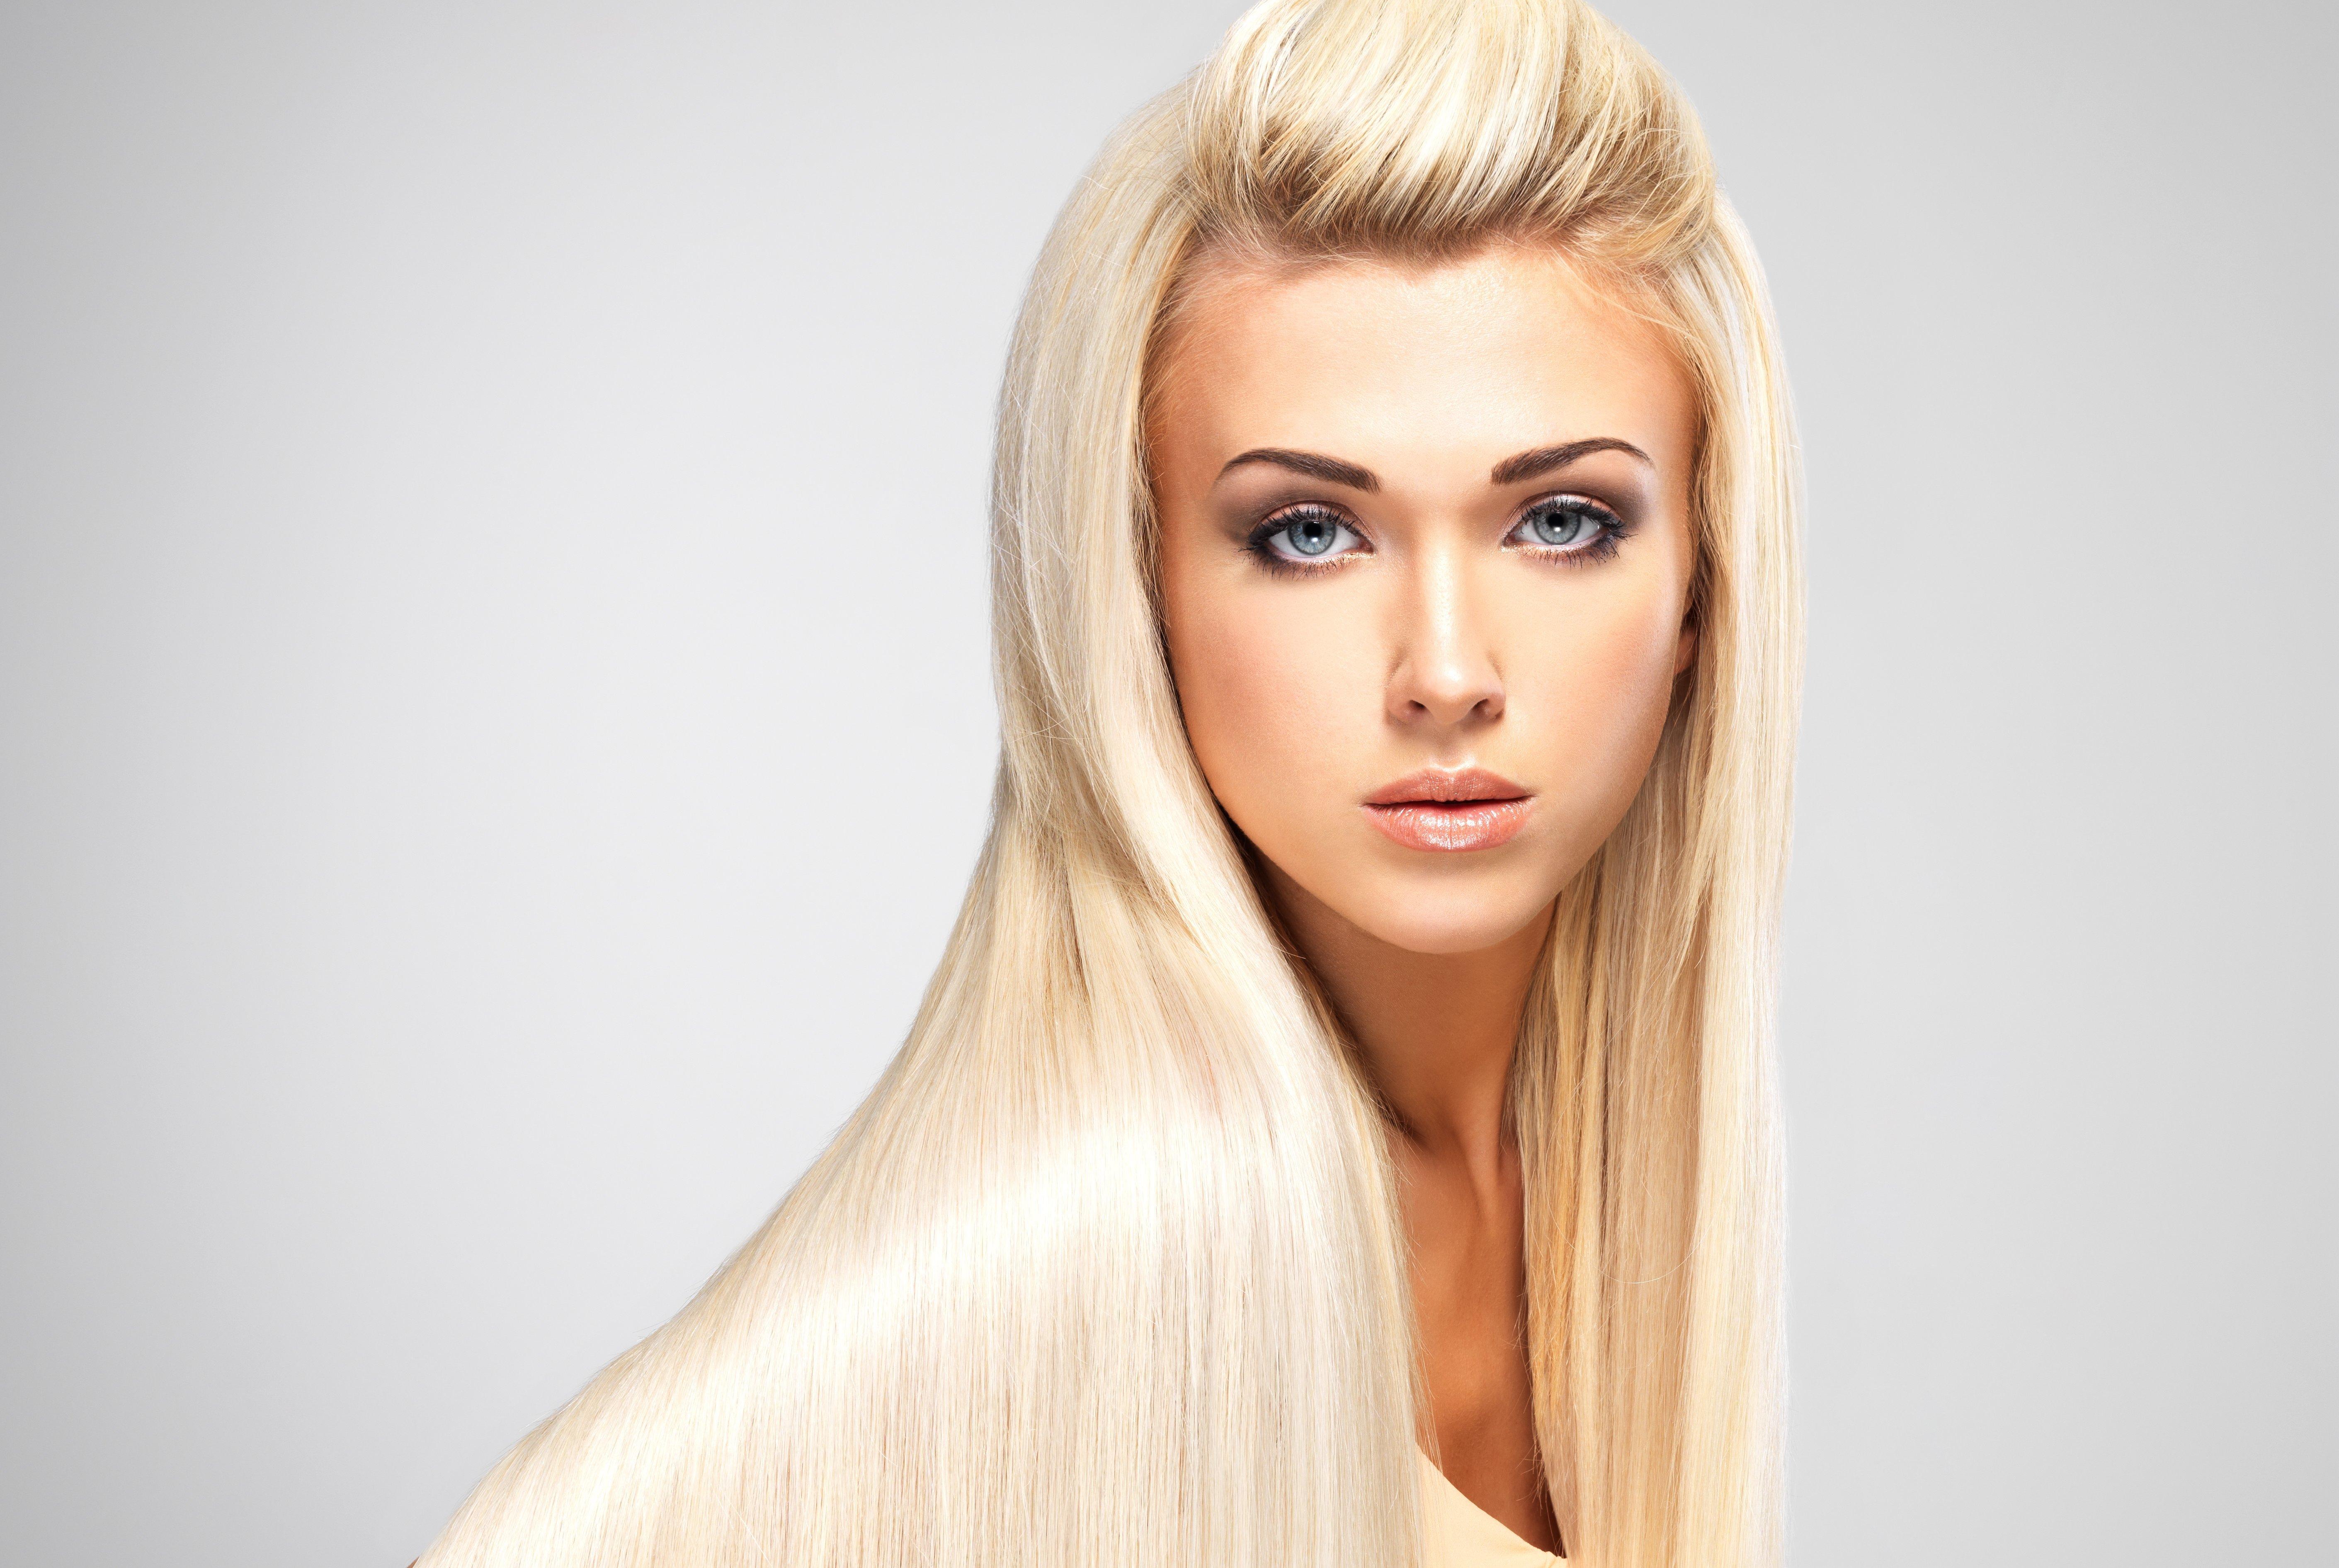 Пышные блондинки с длинными волосами 10 фотография